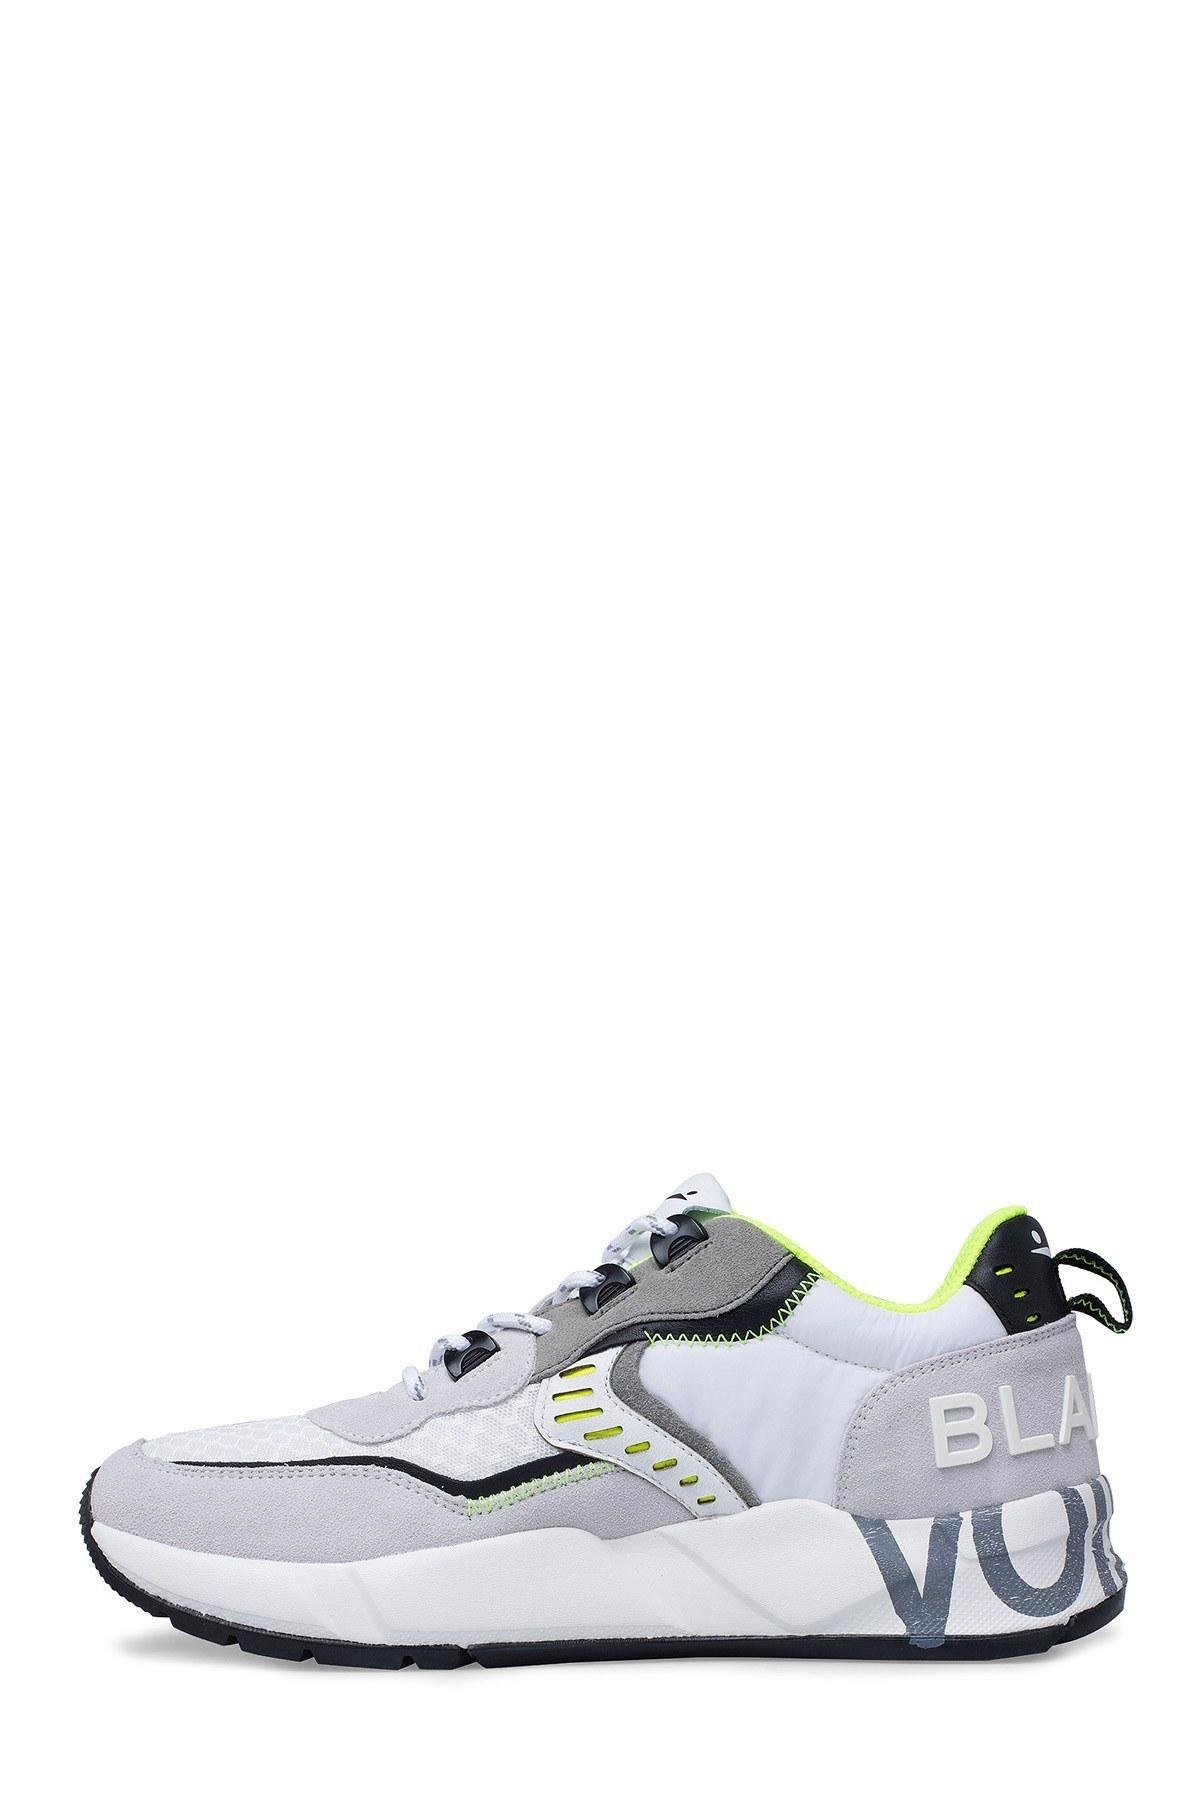 Voile Blanche Erkek Ayakkabı 0012014828.01.1N40 BEYAZ-GRİ